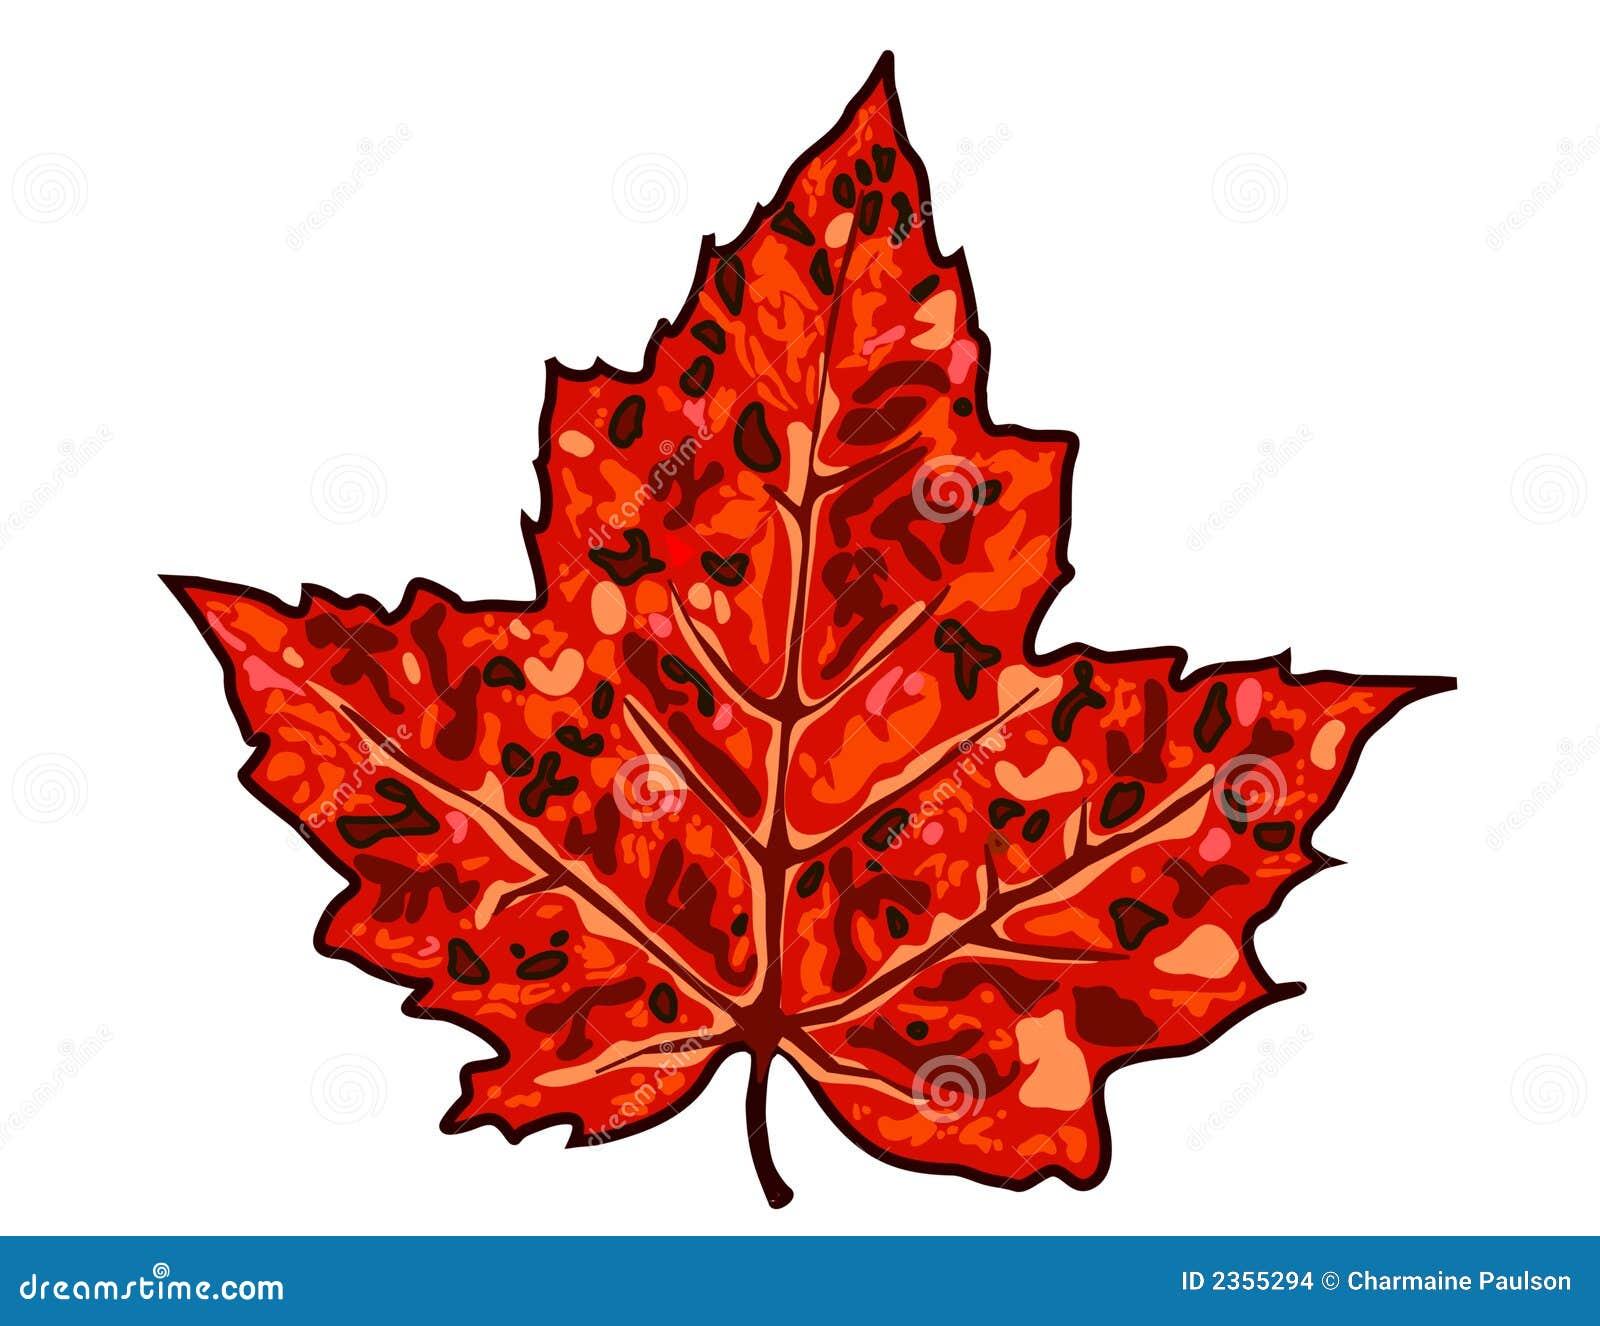 Foglia di acero di autunno illustrazione vettoriale for Foglia acero